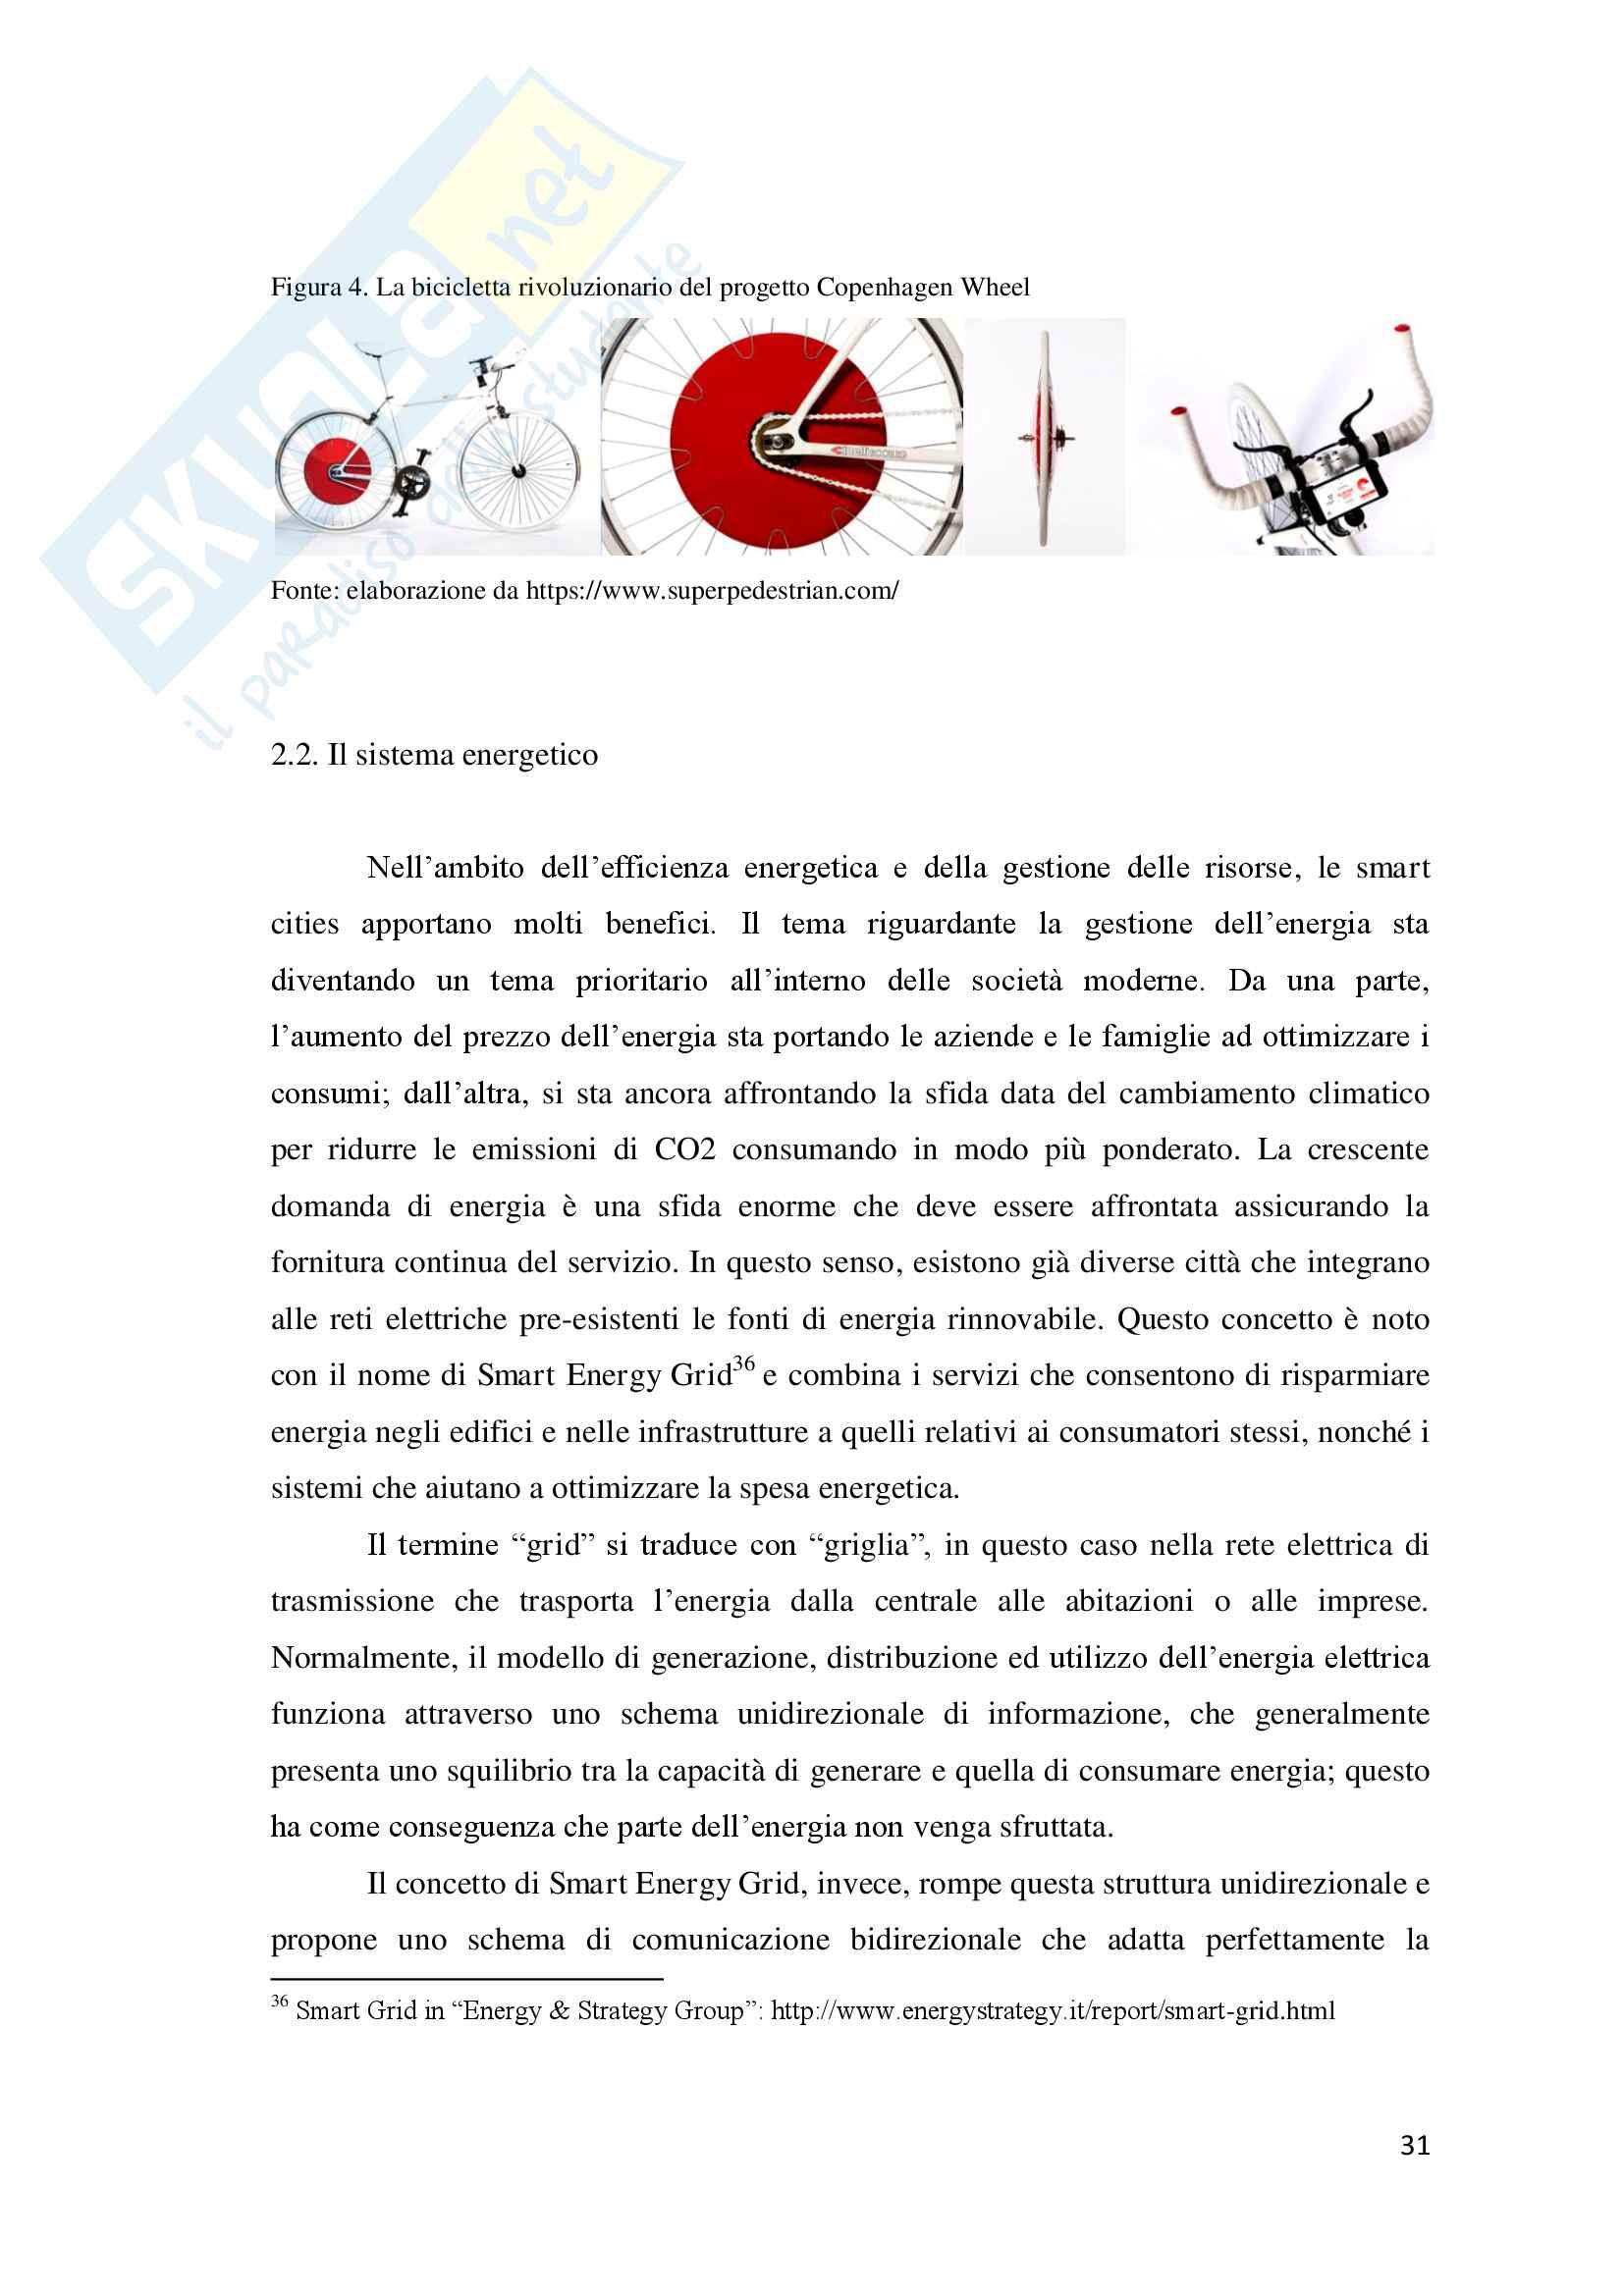 Torino Smart City: la rigenerazione della città attraverso le Information and Communication Technologies. Pag. 31